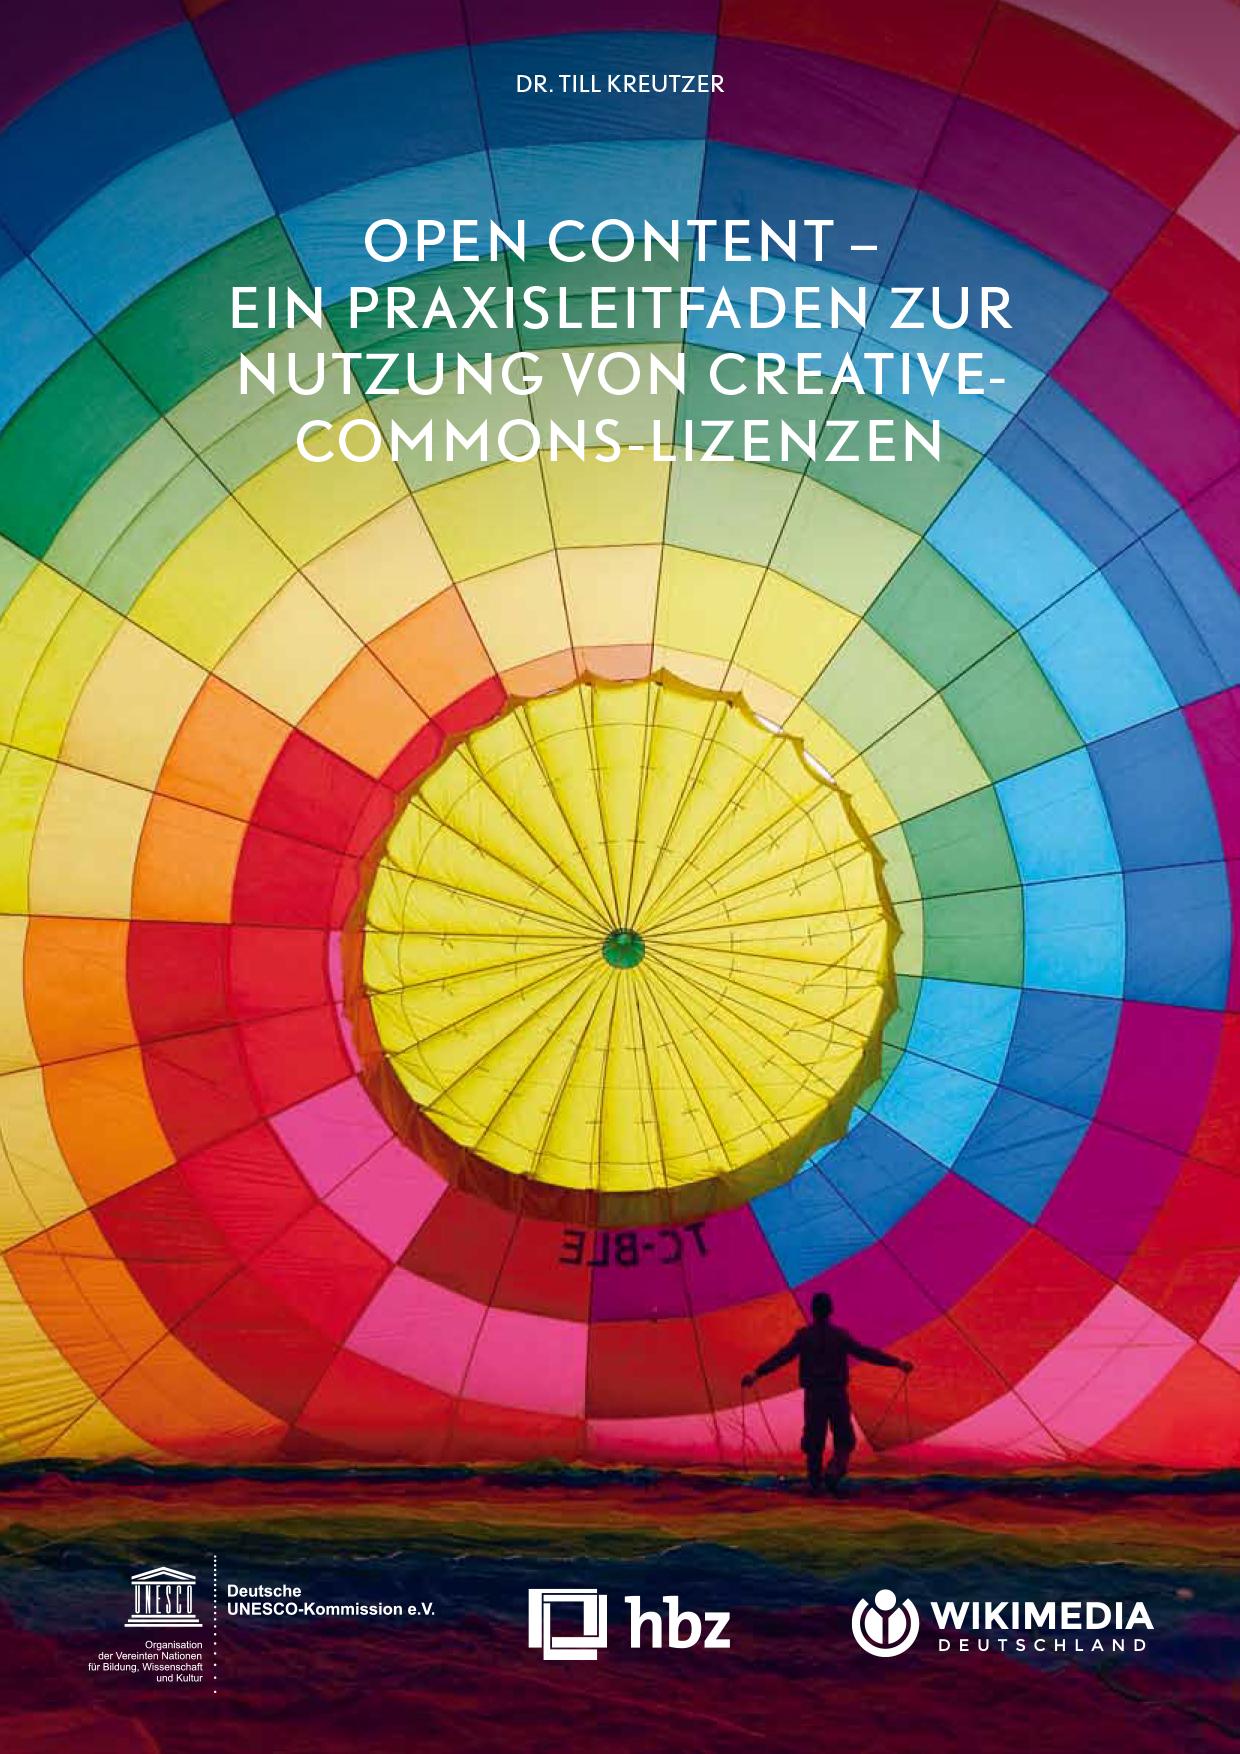 talks/testi-test/img/Open_Content_-_Ein_Praxisleitfaden_zur_Nutzung_von_Creative-Commons-Lizenzen-1_title.png